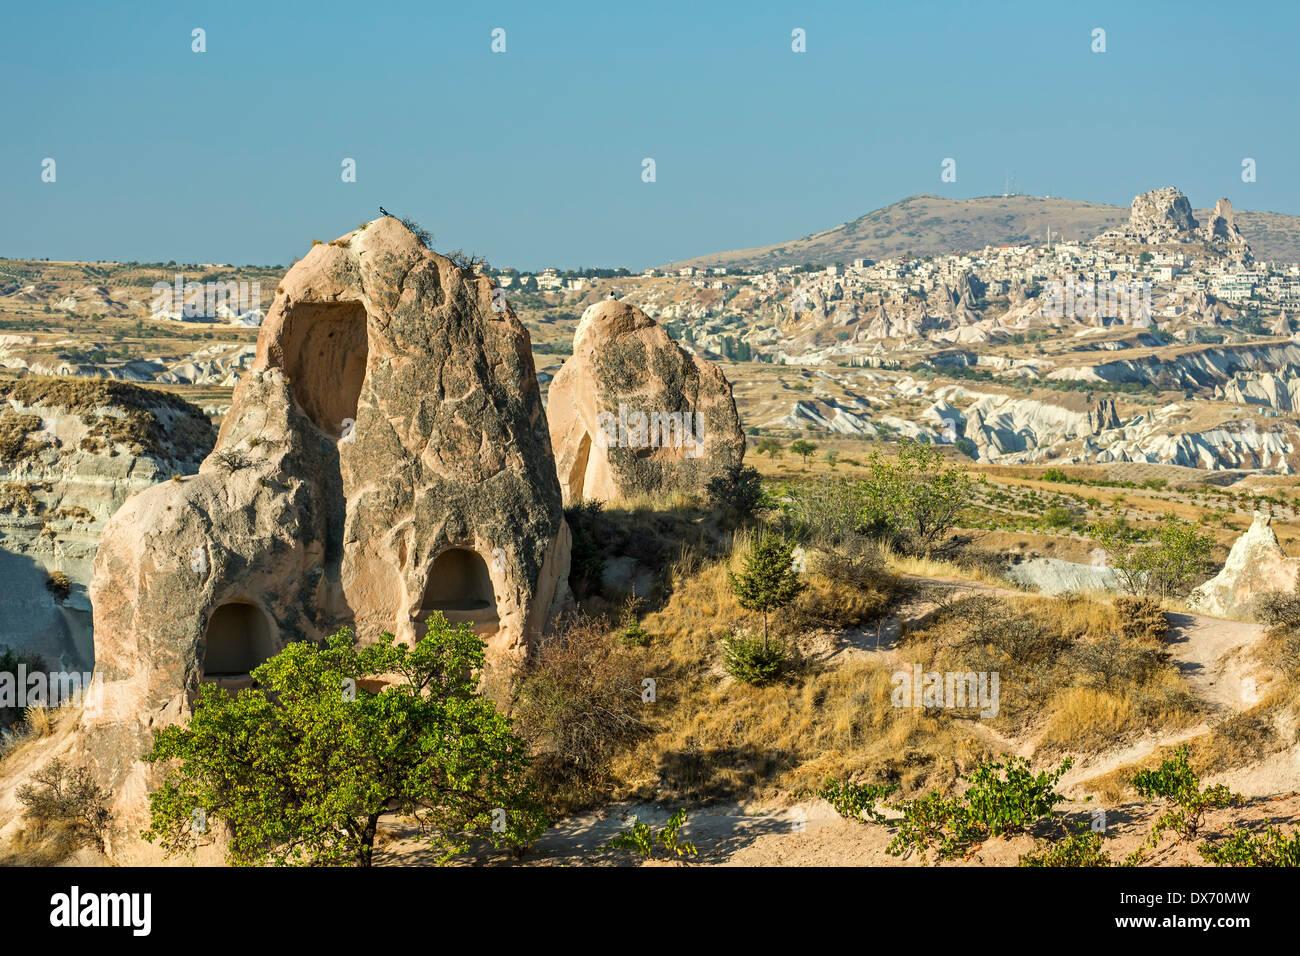 Viviendas en las chimeneas de las hadas y Uchisar (R) en la distancia, el Valle Rojo, Cappadocia, Turquía Imagen De Stock